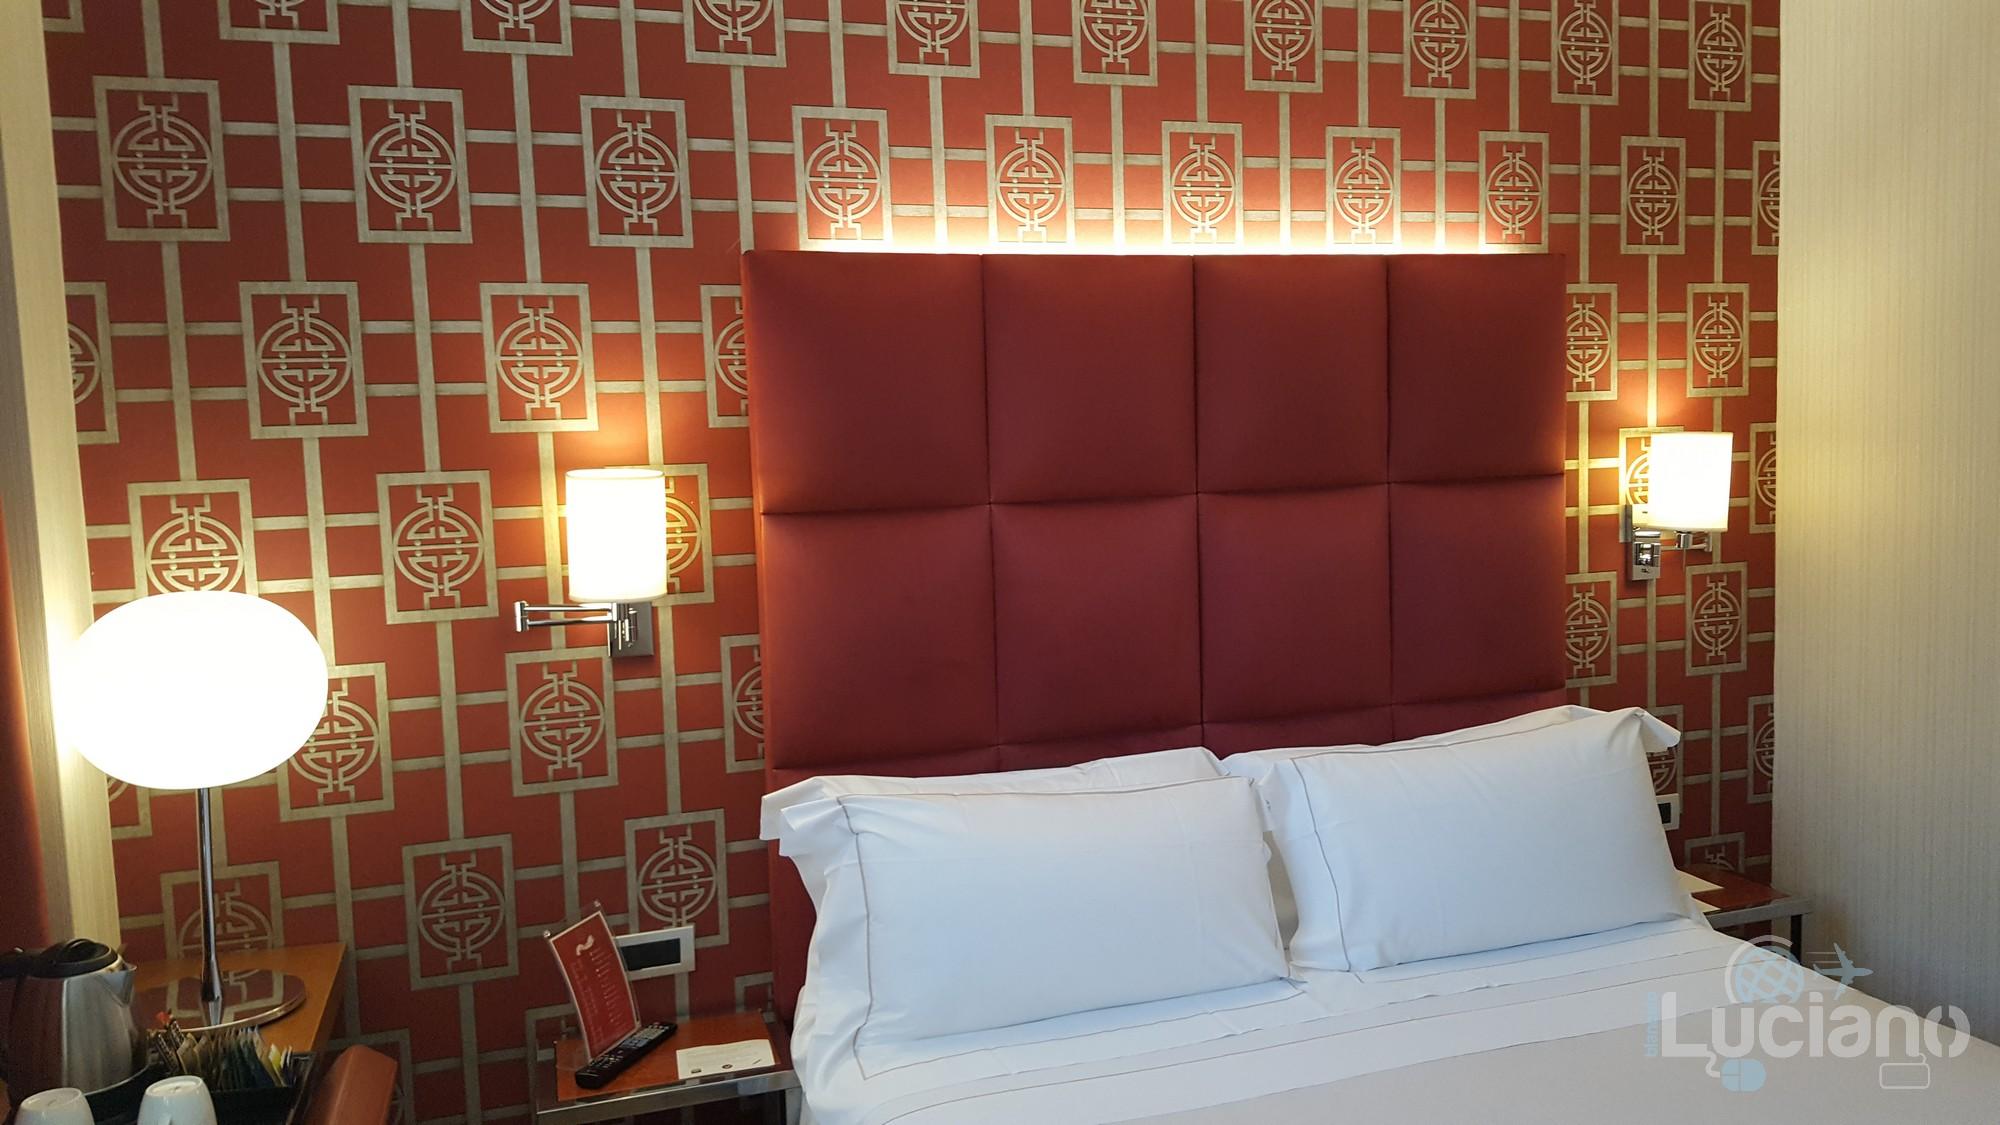 ENTERPRISE Hotel - Milano - dettaglio camera